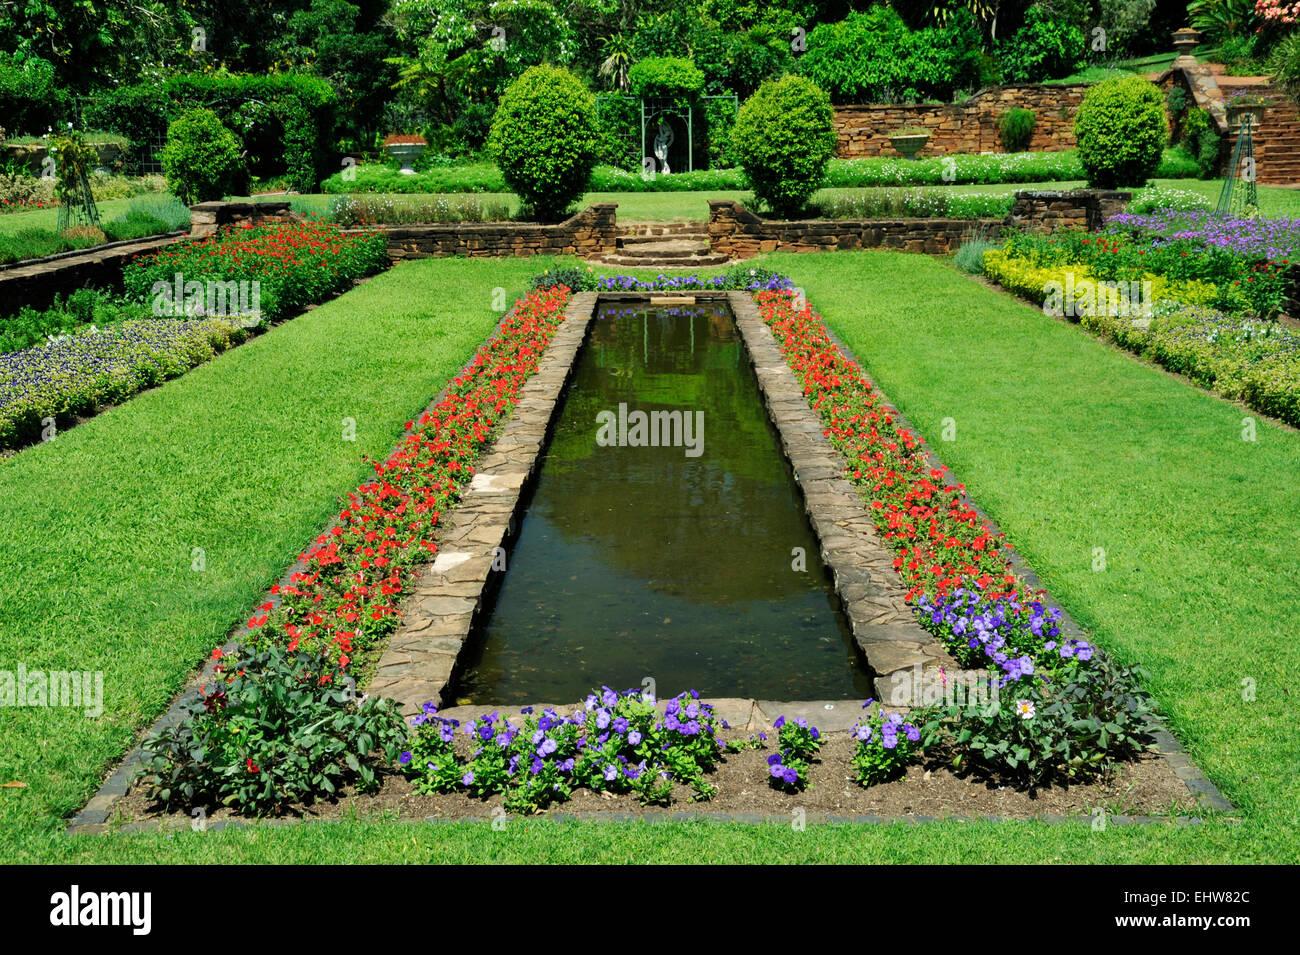 Flowerbed Border Around Pond Sunken Garden Section Durban Botanical Garden  South Africa Destinations Cities Gardens Plants Green